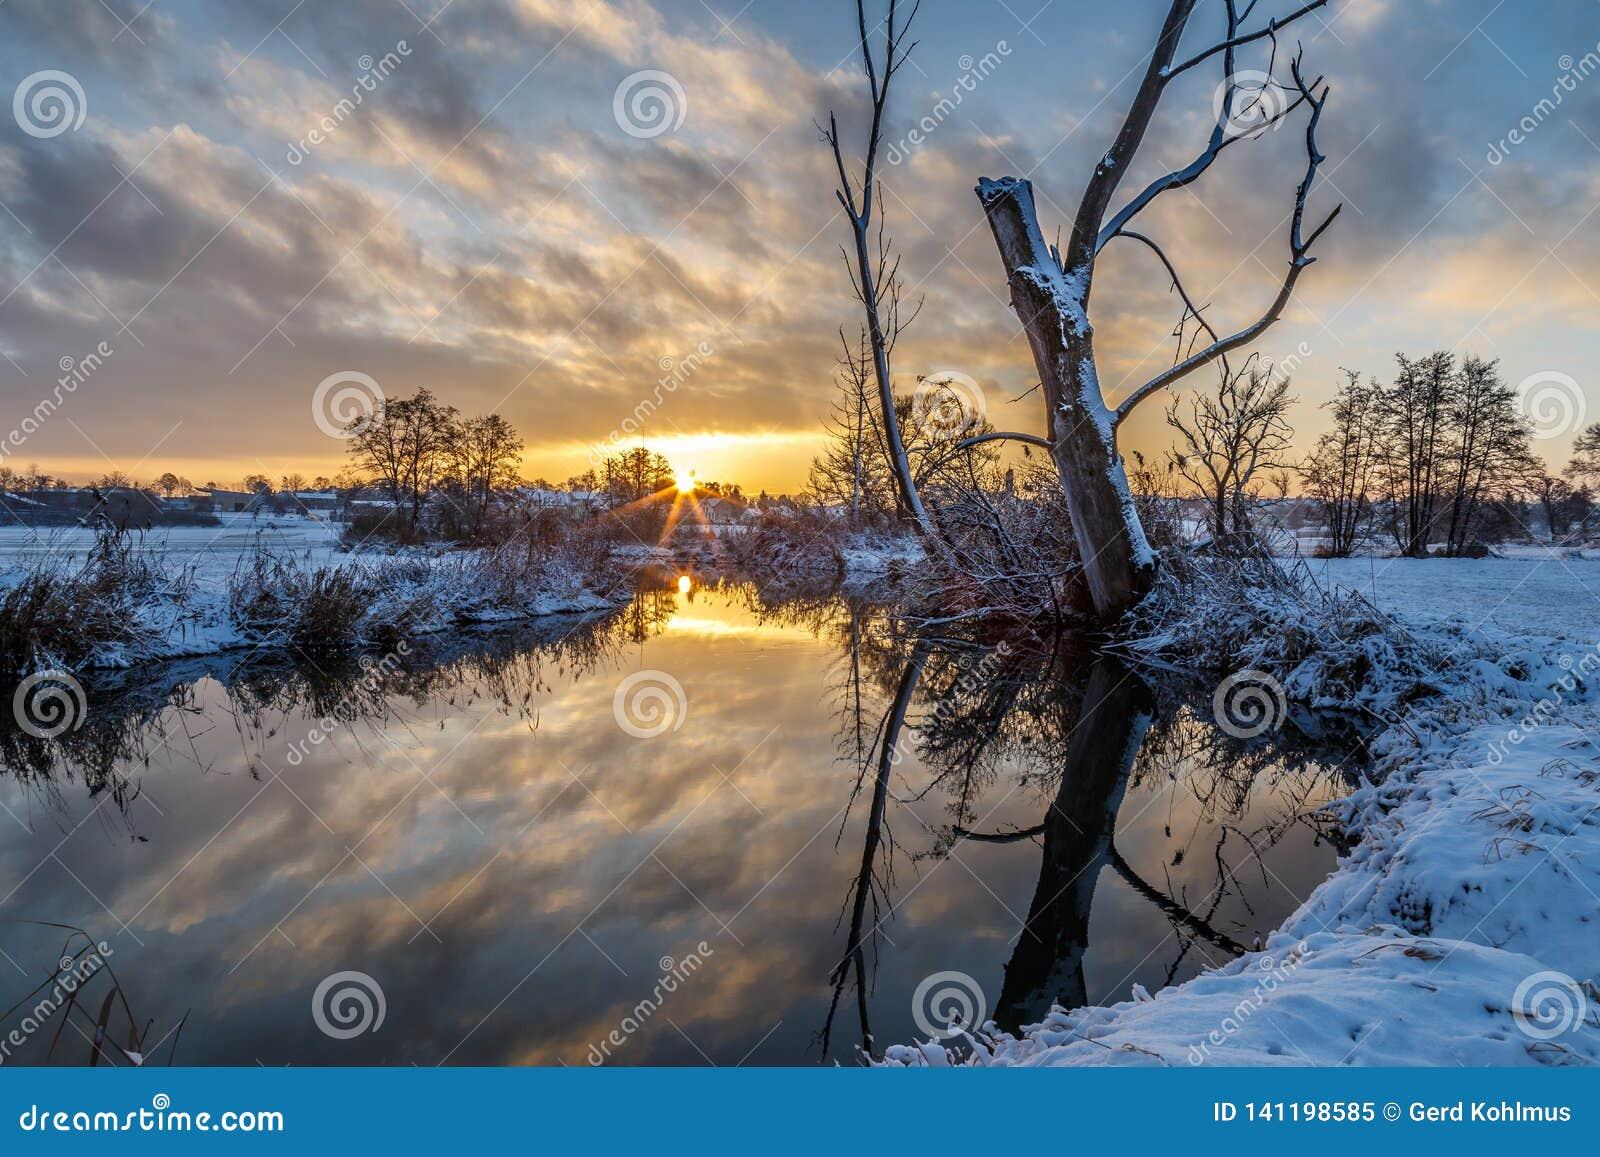 Winter scene: sunrise at the river